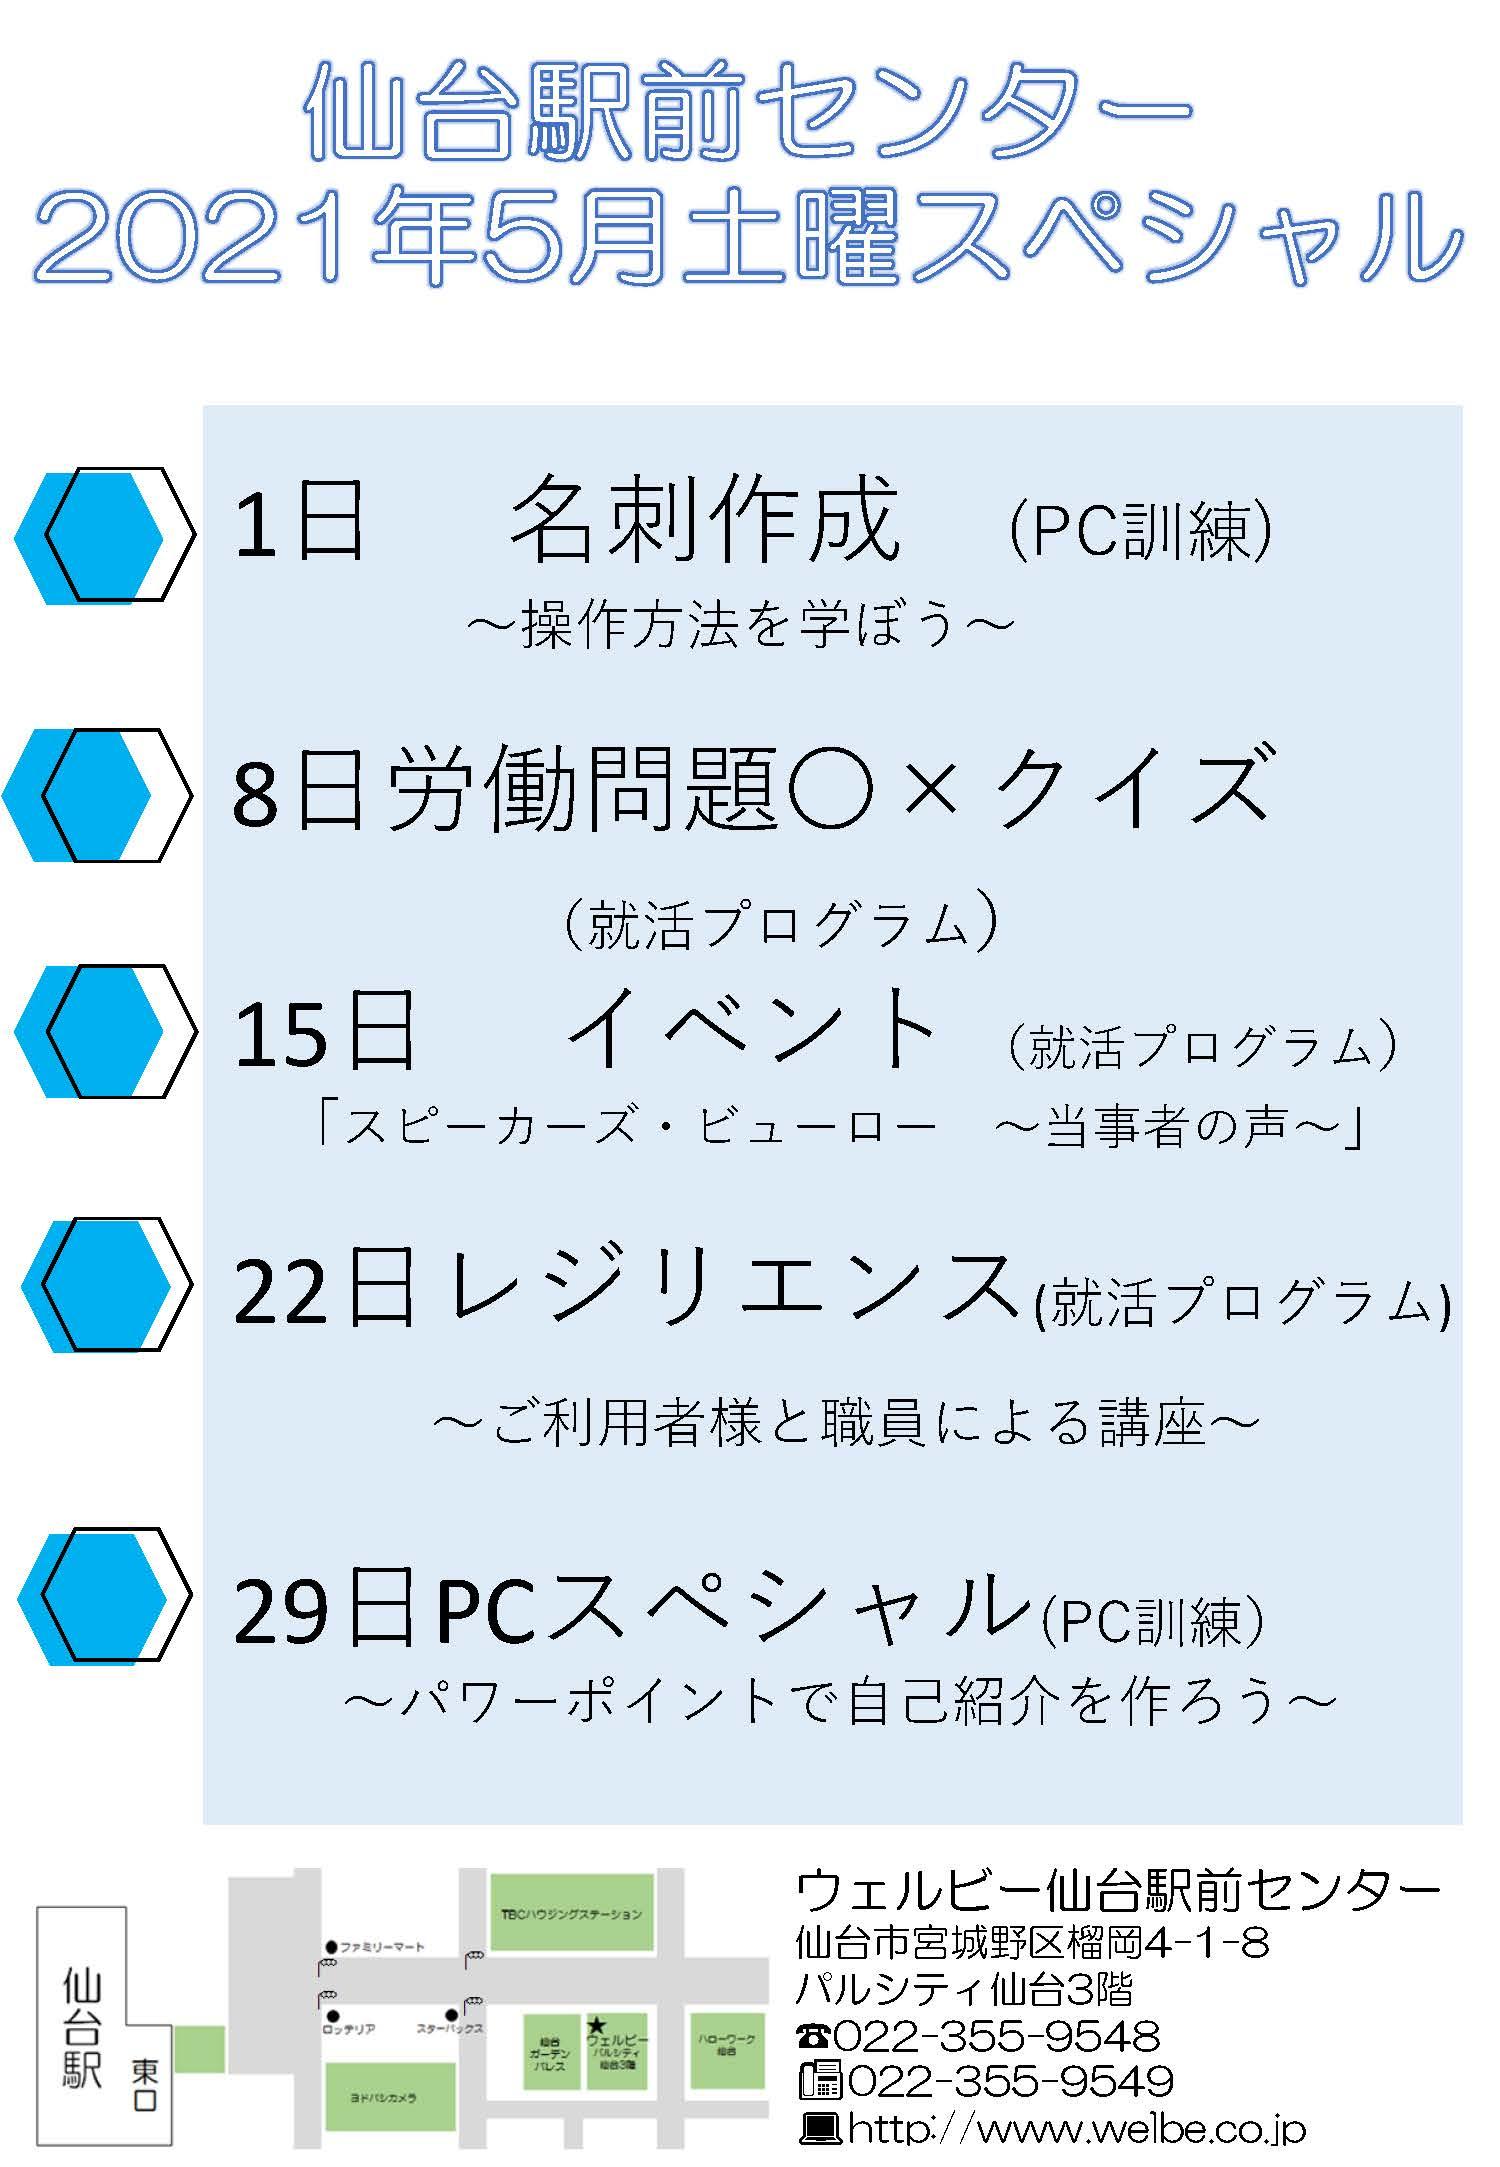 仙台駅前センター20210427写真②土曜スペシャル